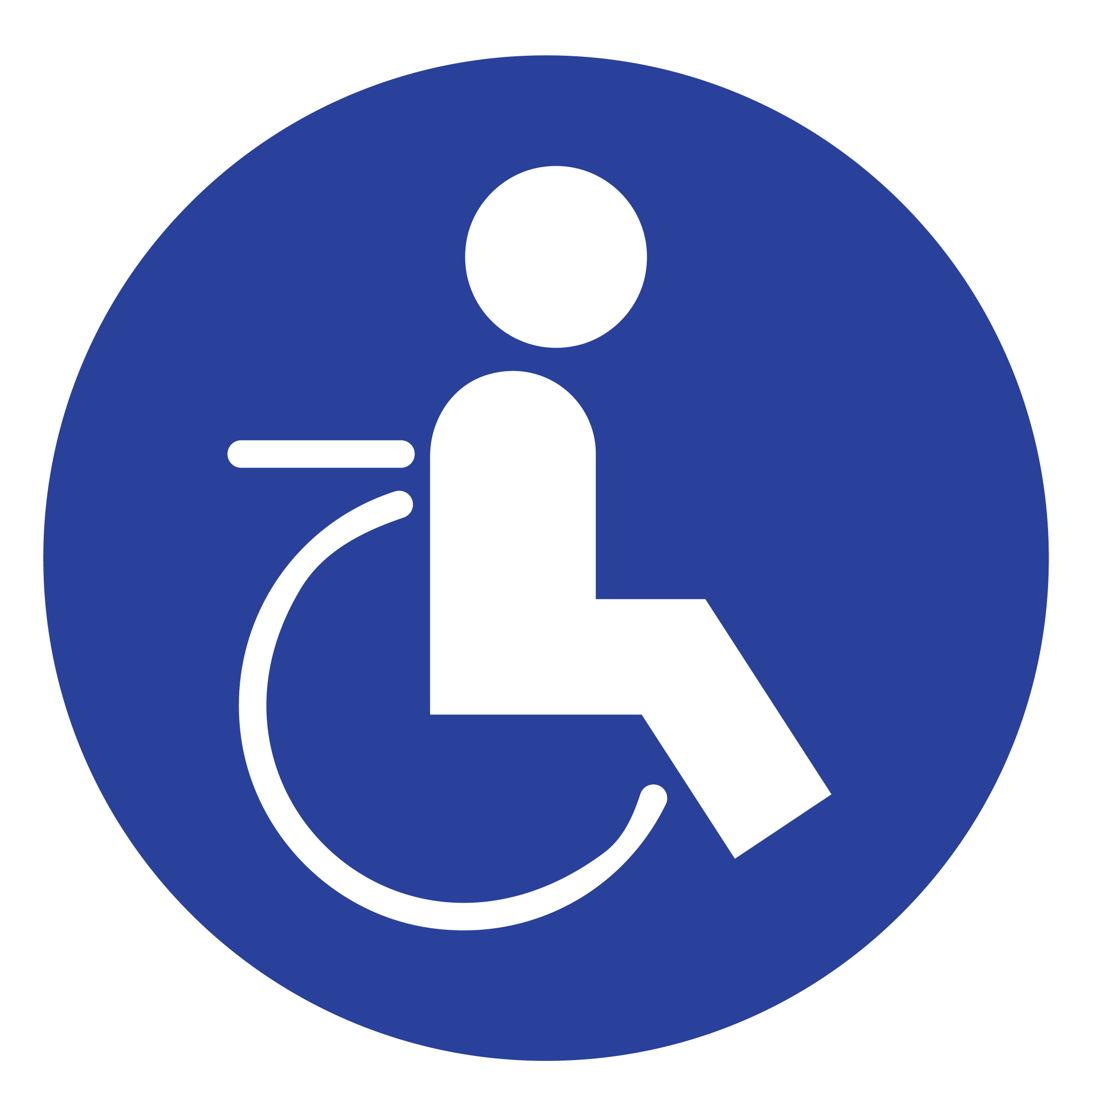 Halte goed toegankelijk voor personen  met mobiele beperking. Helling naar voertuig kleiner dan 12 %.